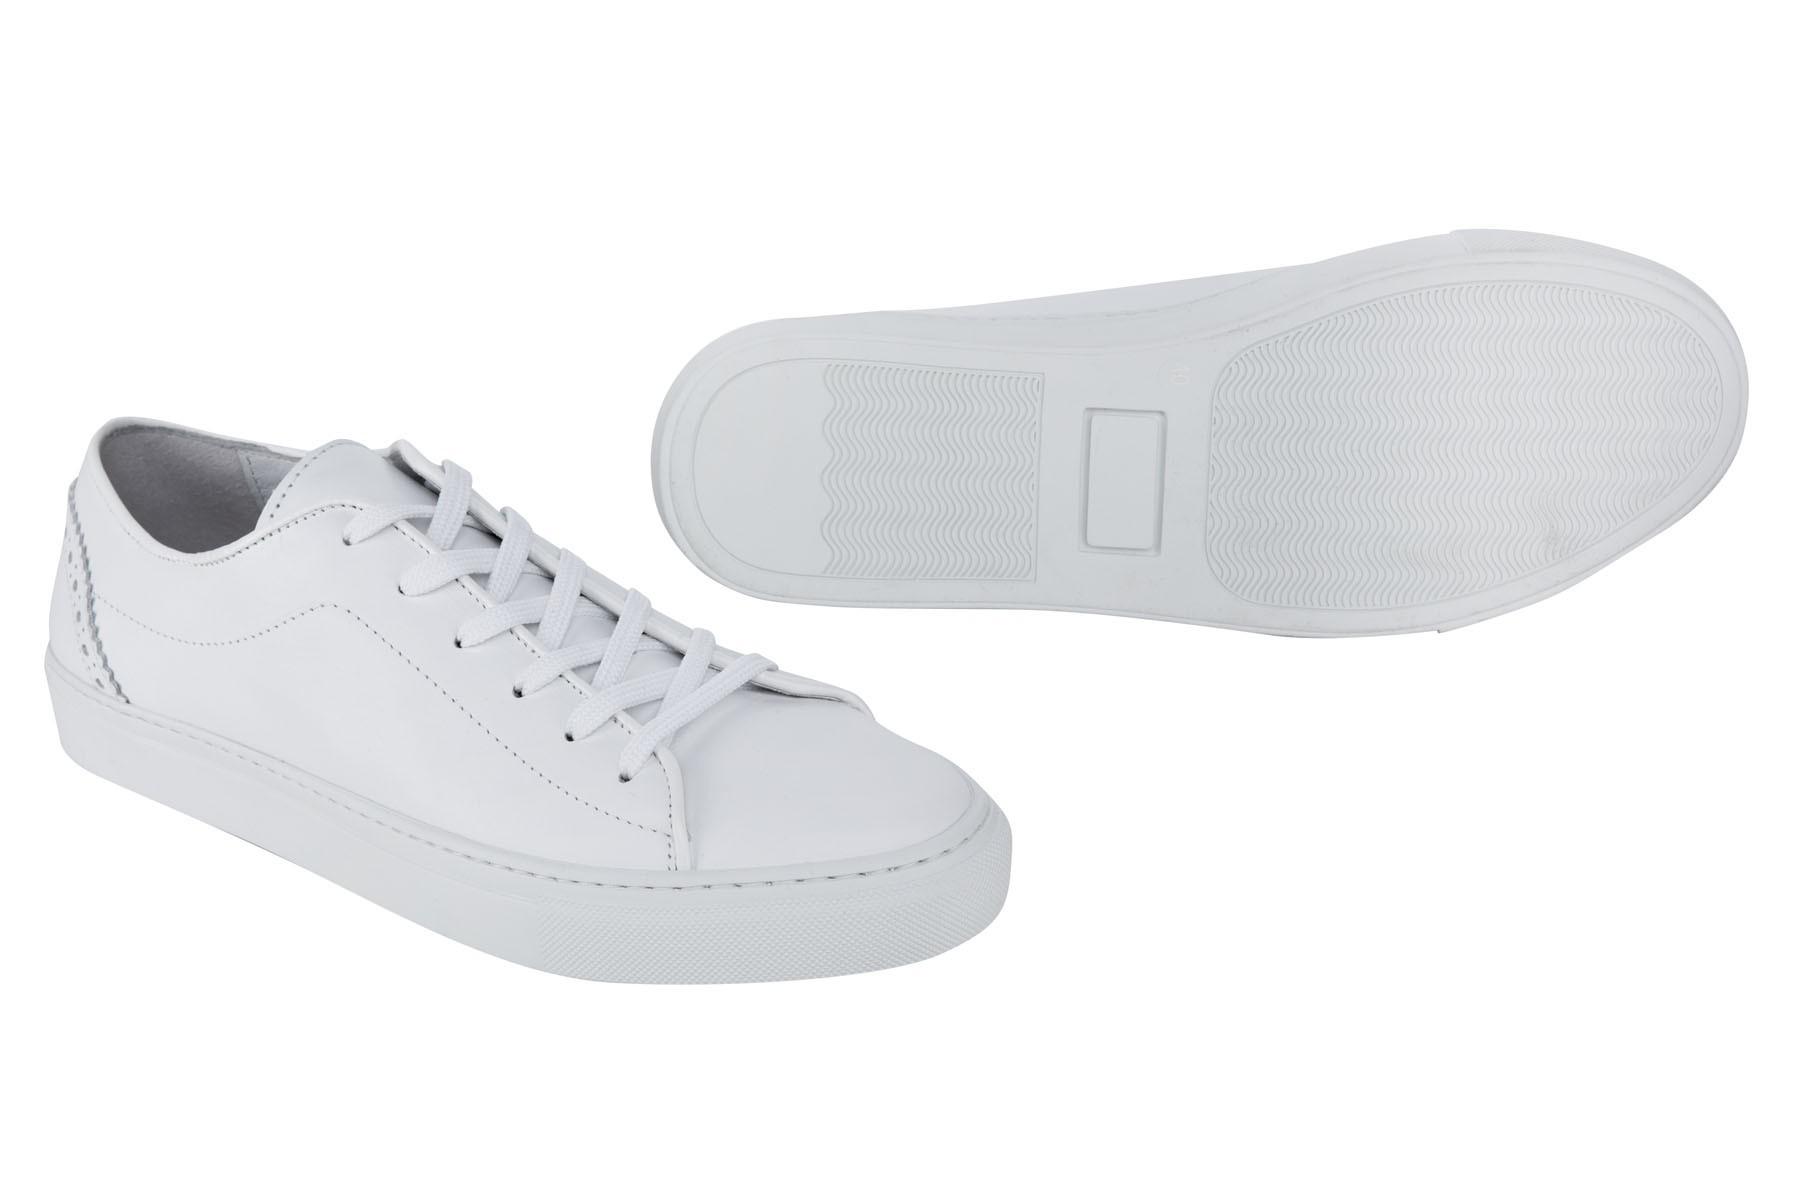 Sportowe buty męskie typu sneakers w kolorze białym ze skóry naturalnej